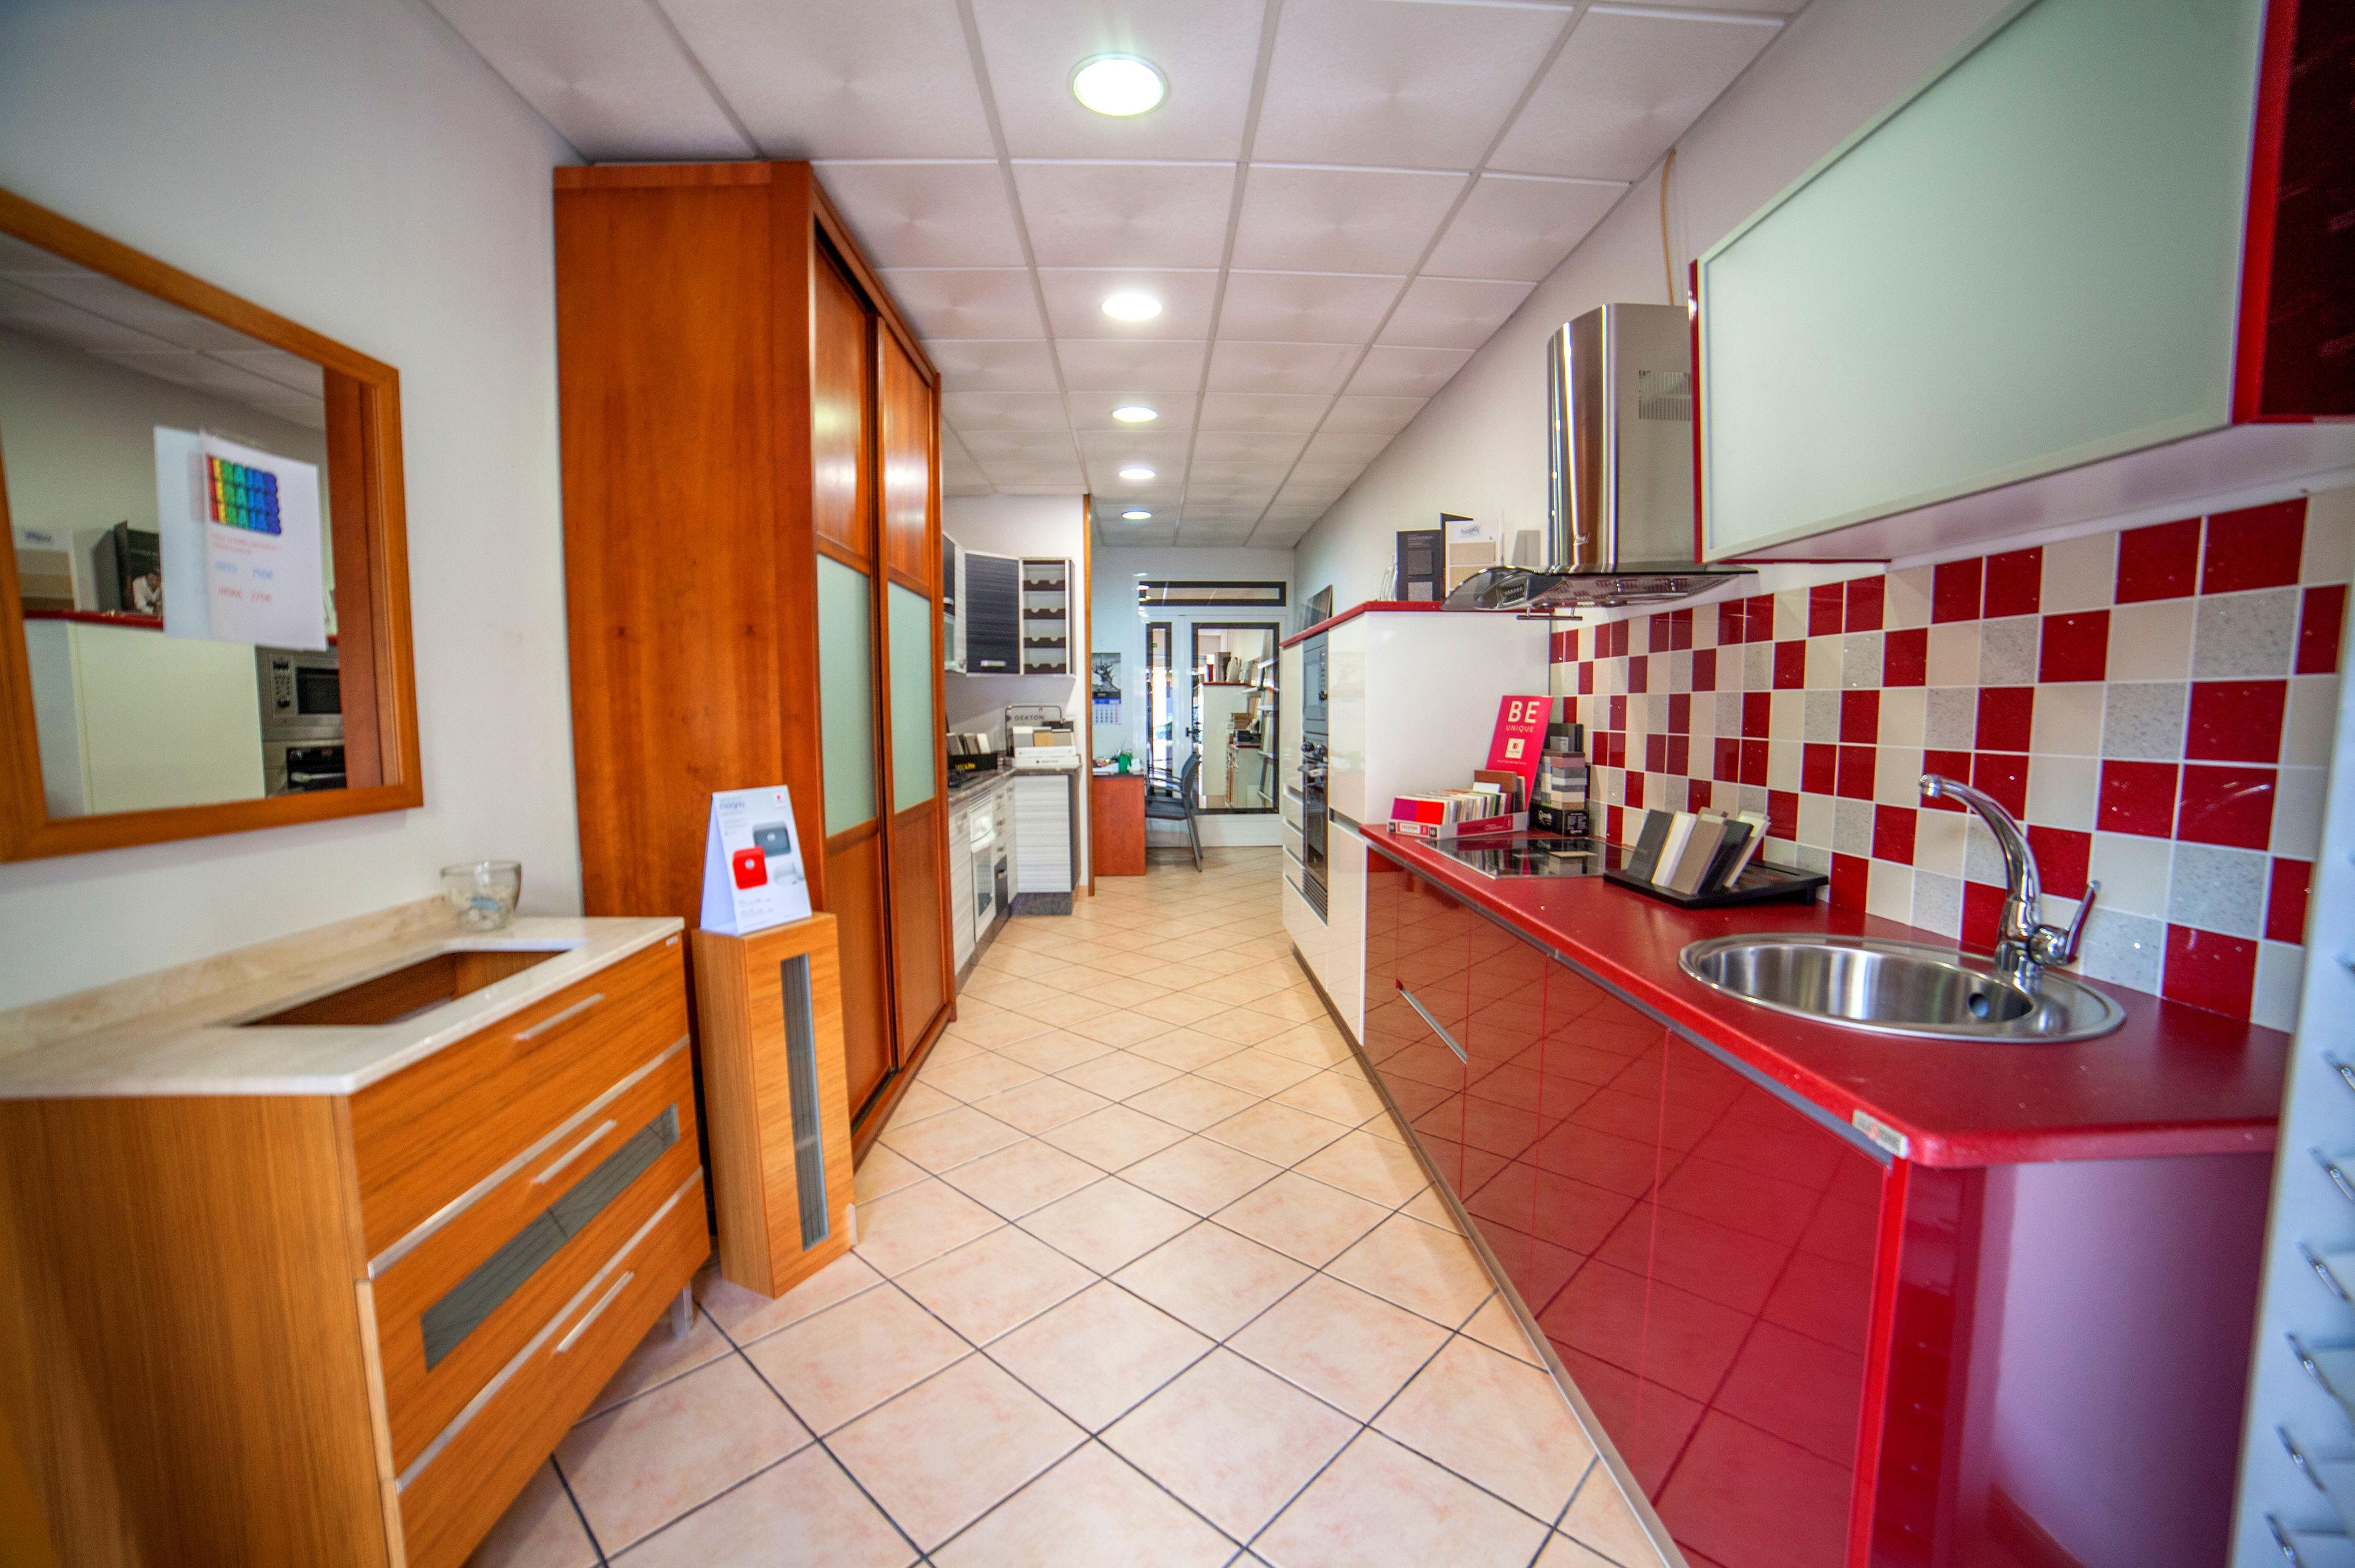 Foto 2 De Muebles De Cocina En El Grao De Castell N Modul Grau  # Muebles Castellon